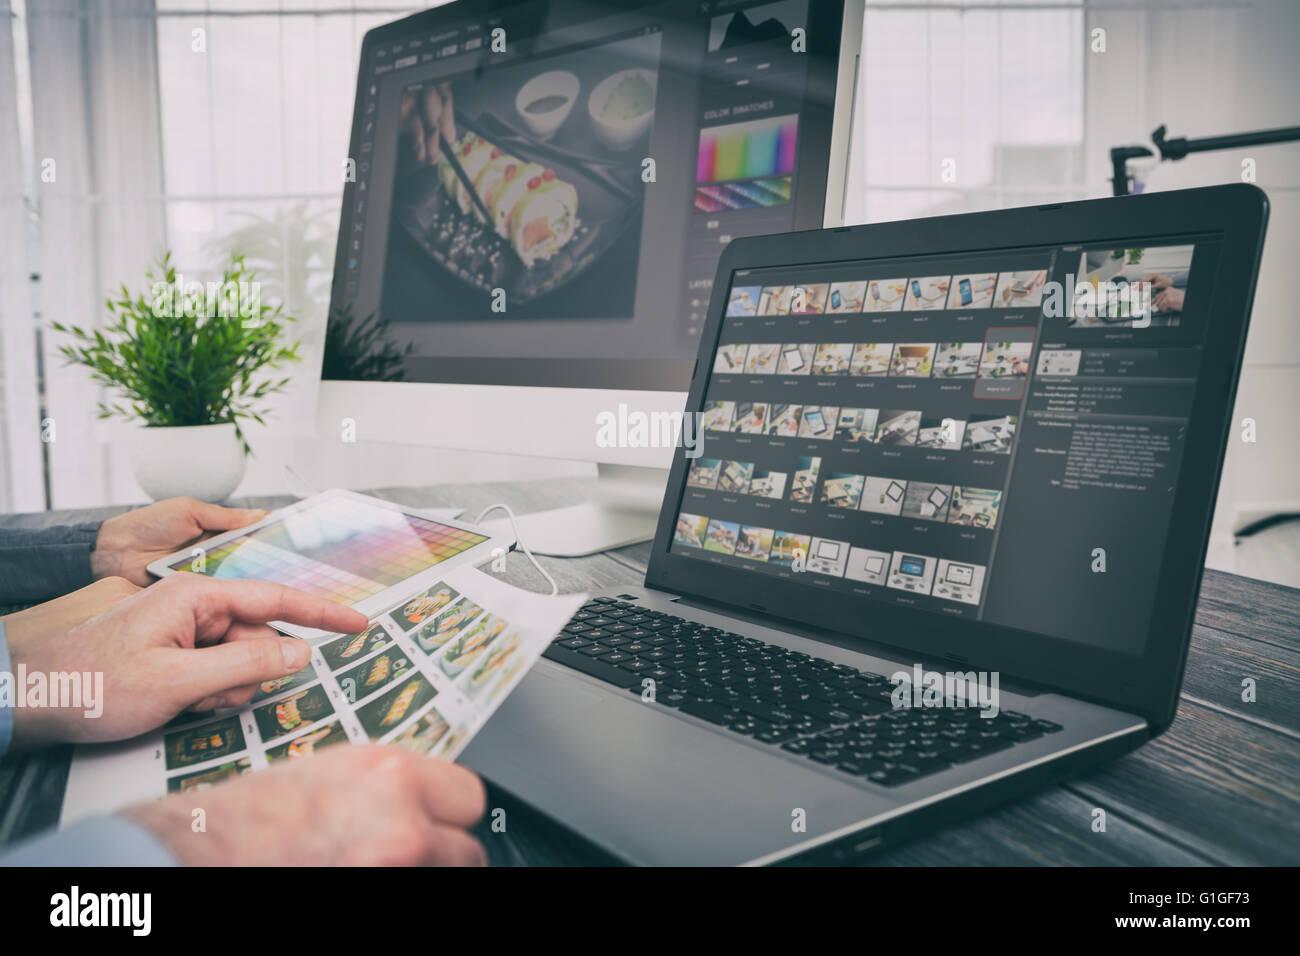 Caméra moniteur photographe éditeur ordinateur portable écran photo photographie - image Photo Stock